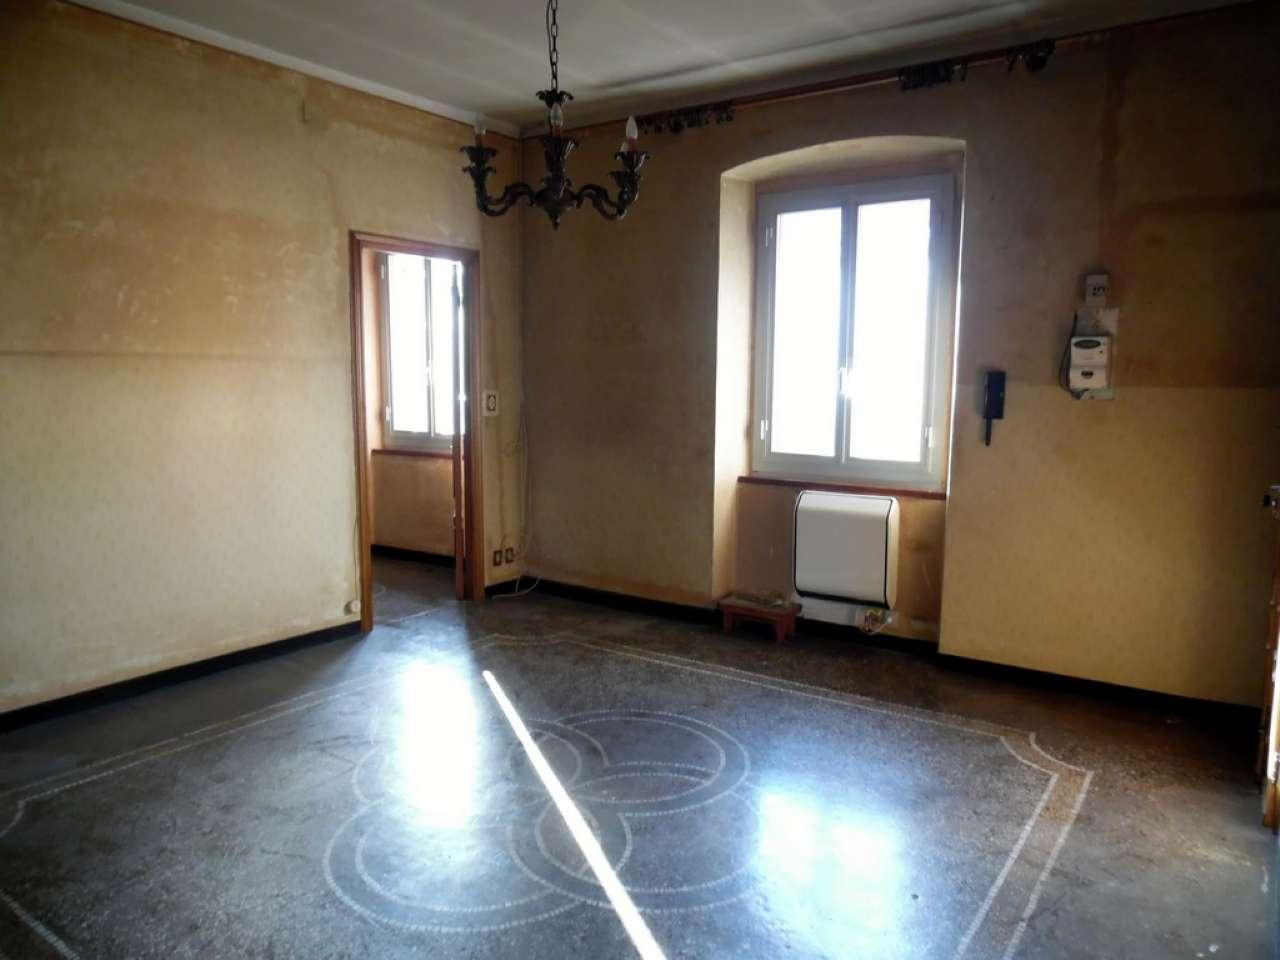 Appartamento in vendita a Ceranesi, 4 locali, prezzo € 30.000 | PortaleAgenzieImmobiliari.it